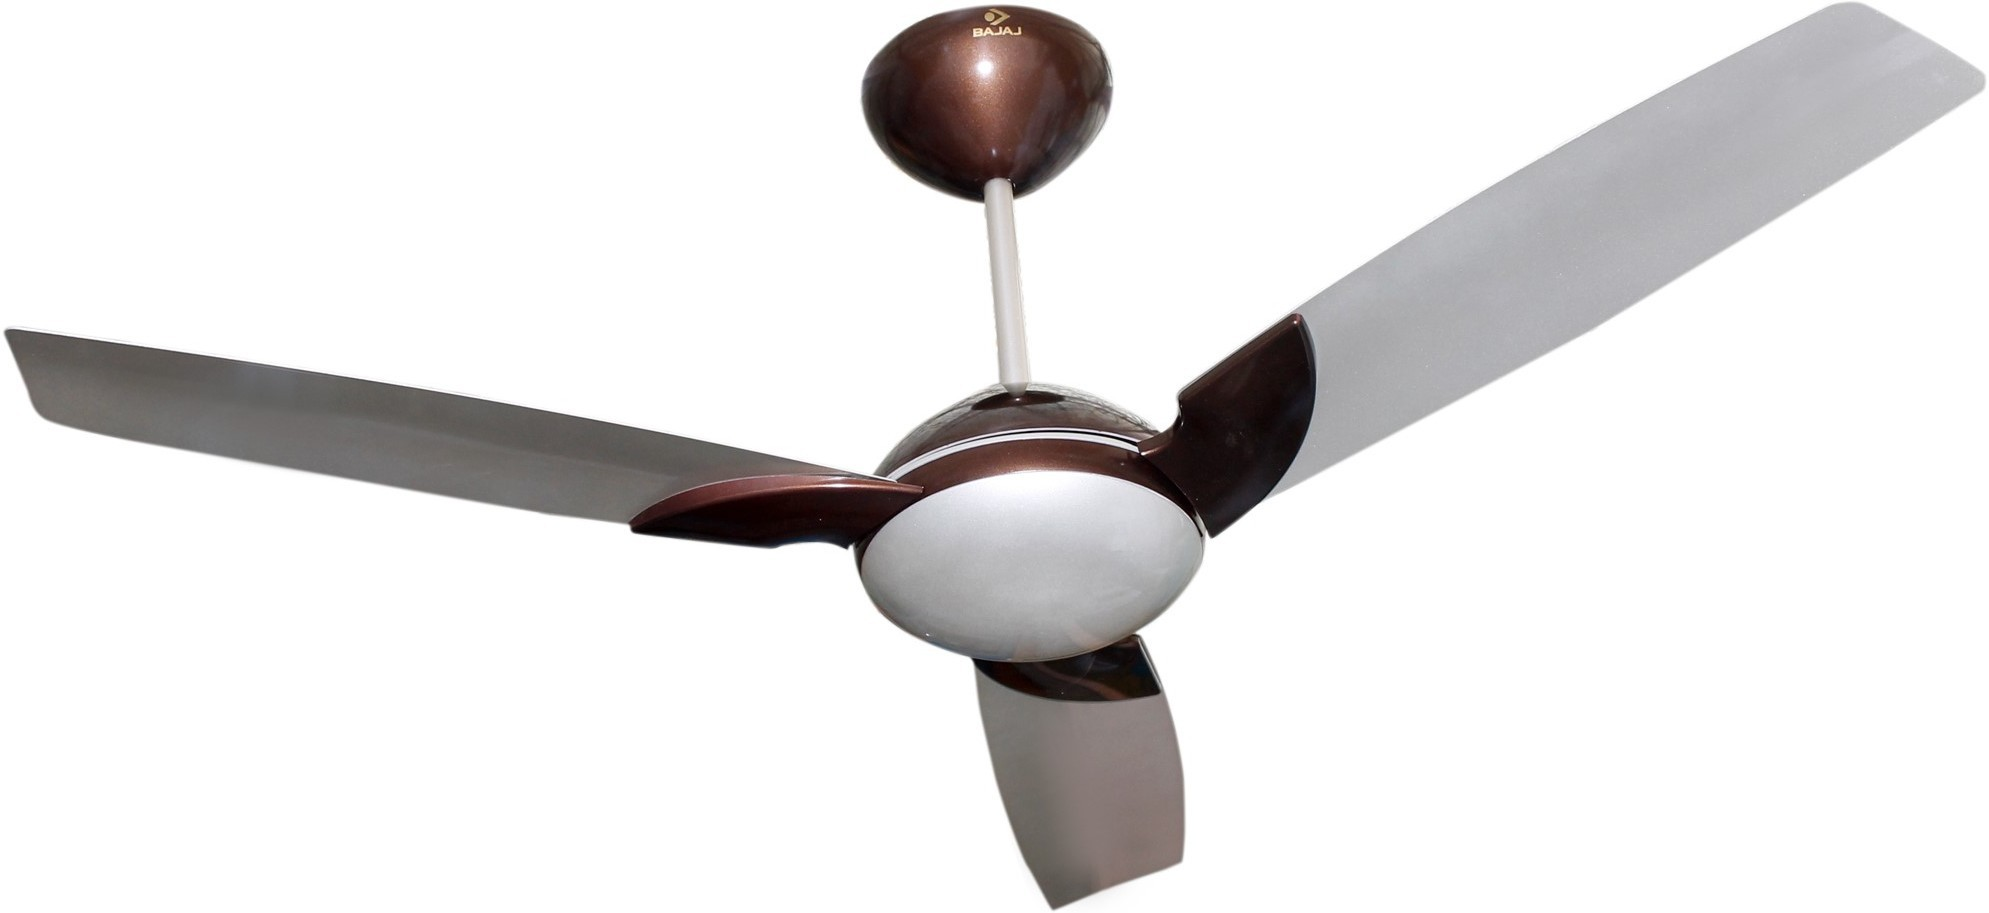 Bajaj harrier 1200 mm 3 blade ceiling fan price in india 16 mar bajaj harrier 1200 mm 3 blade ceiling fanpearl grey mozeypictures Gallery